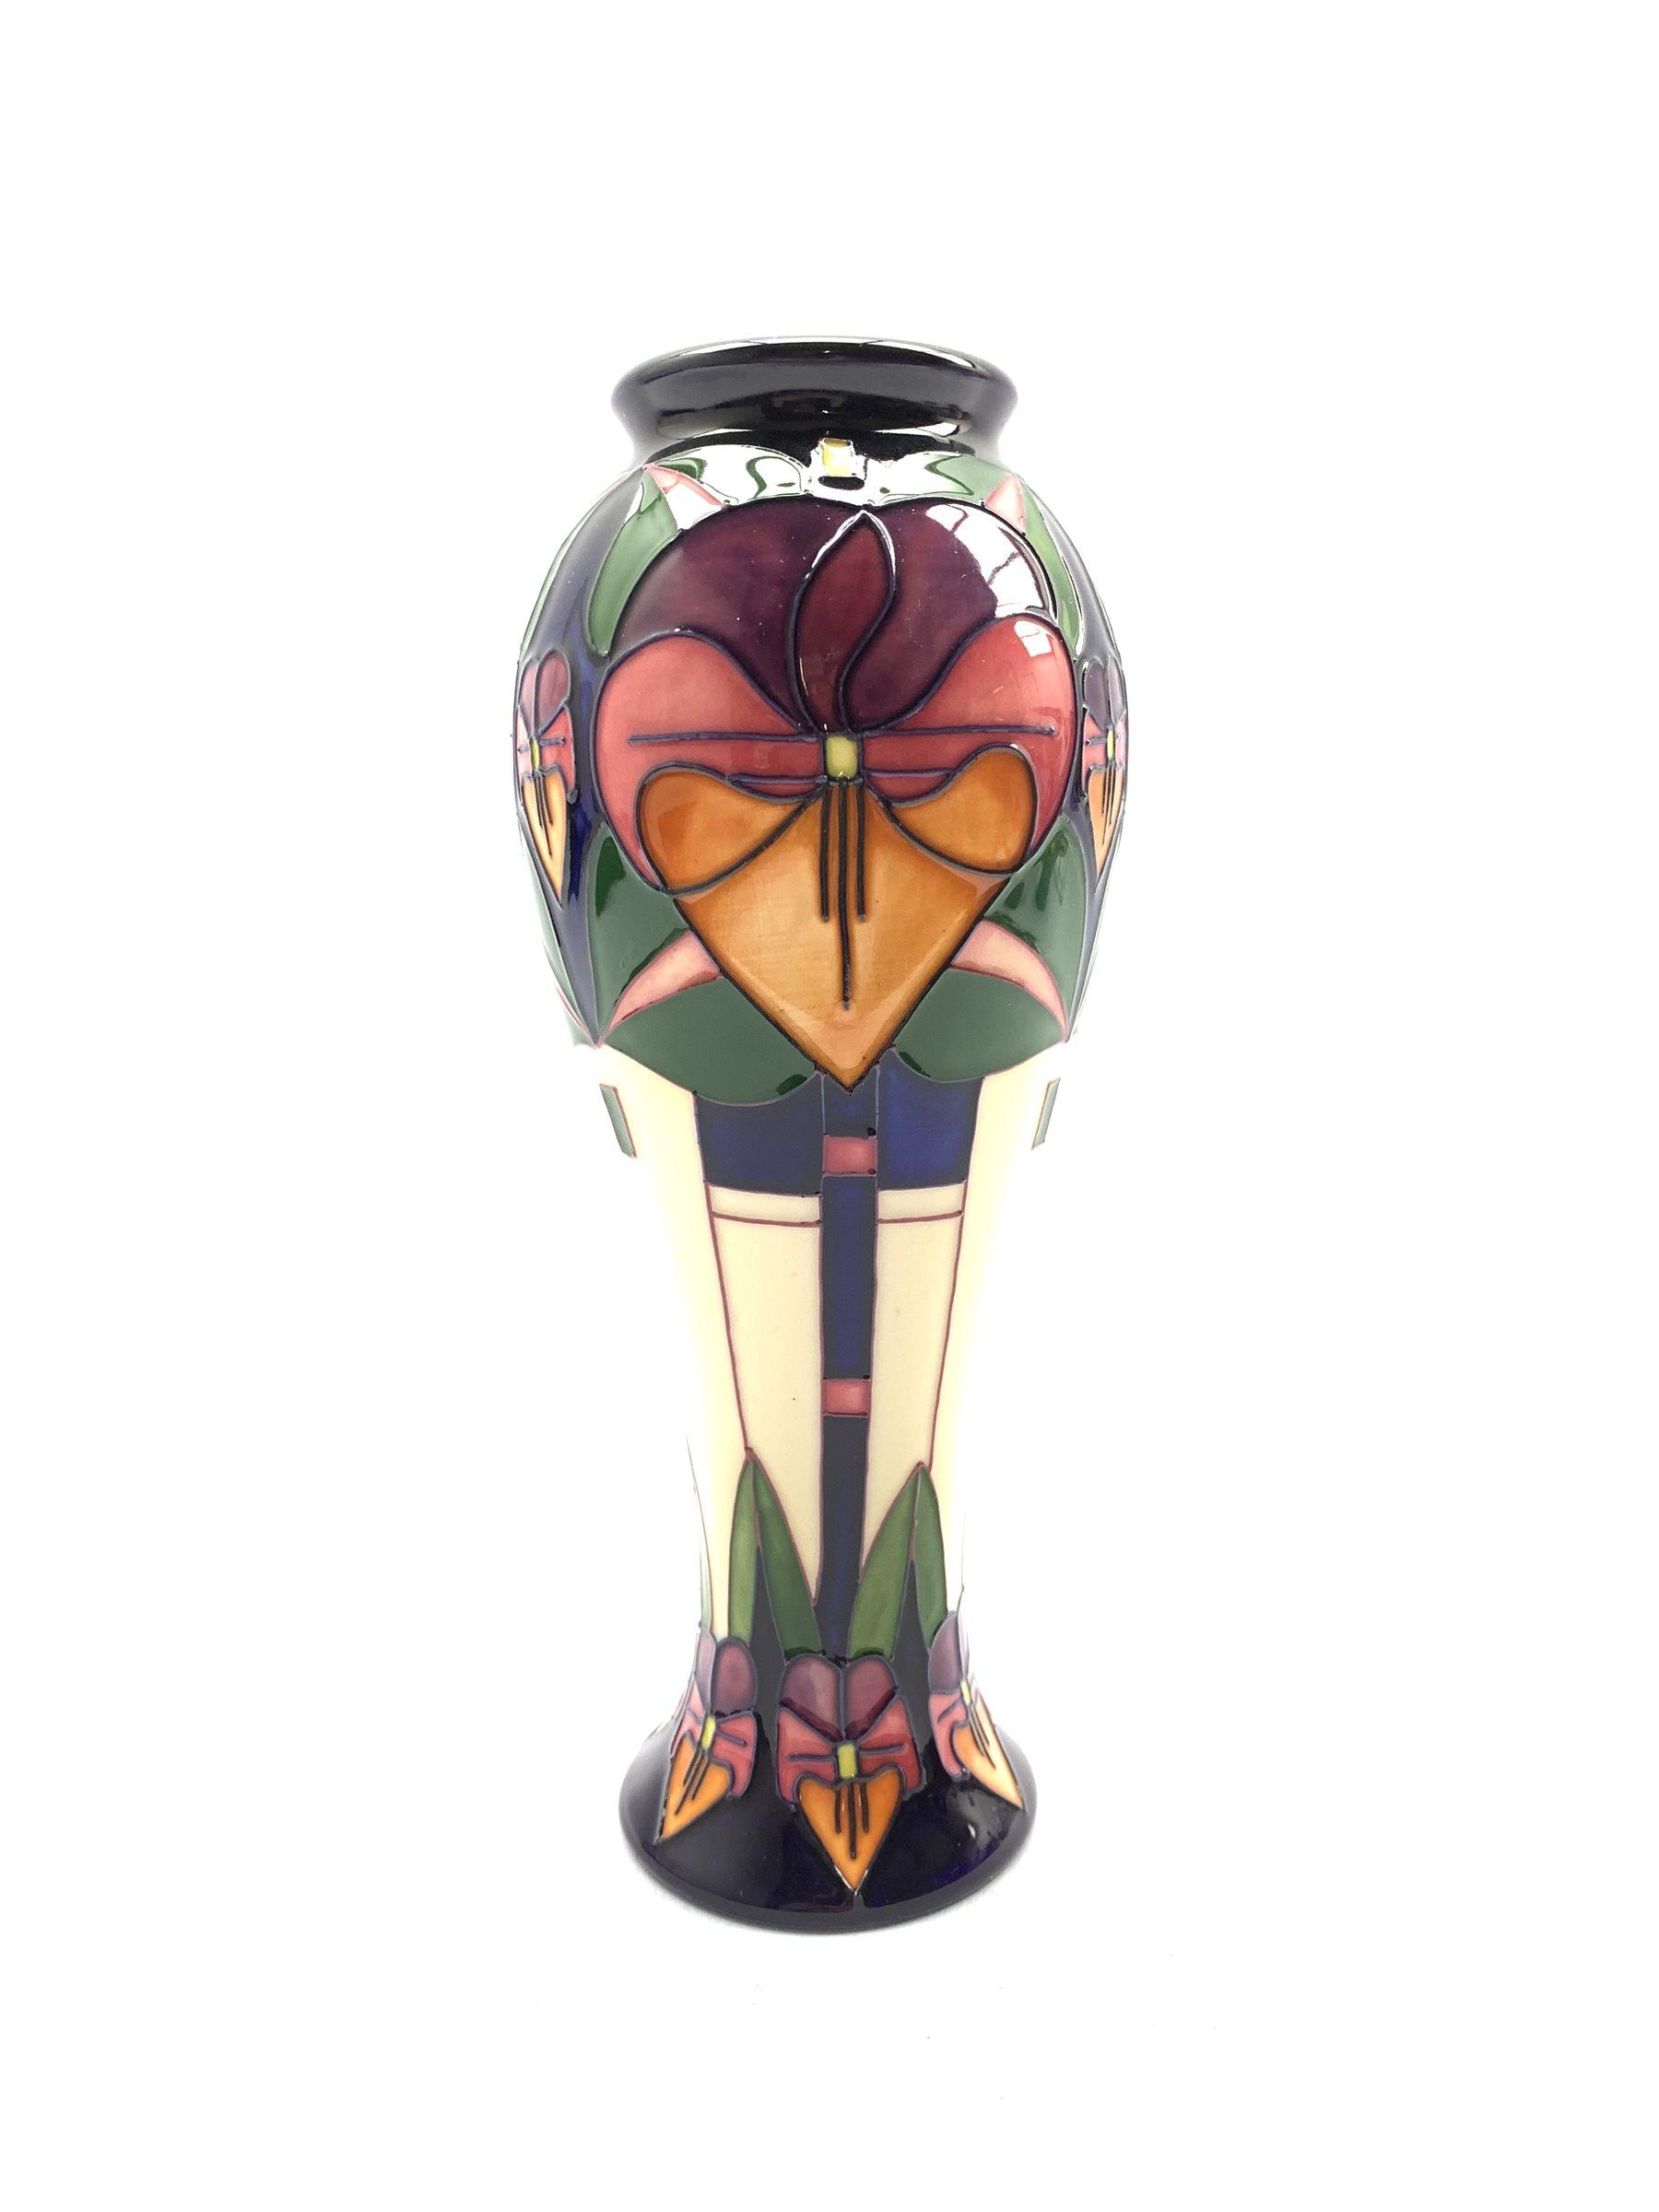 Moorcroft Trilogy pattern vase designed by Rachel Bishop, 2006 H22cm